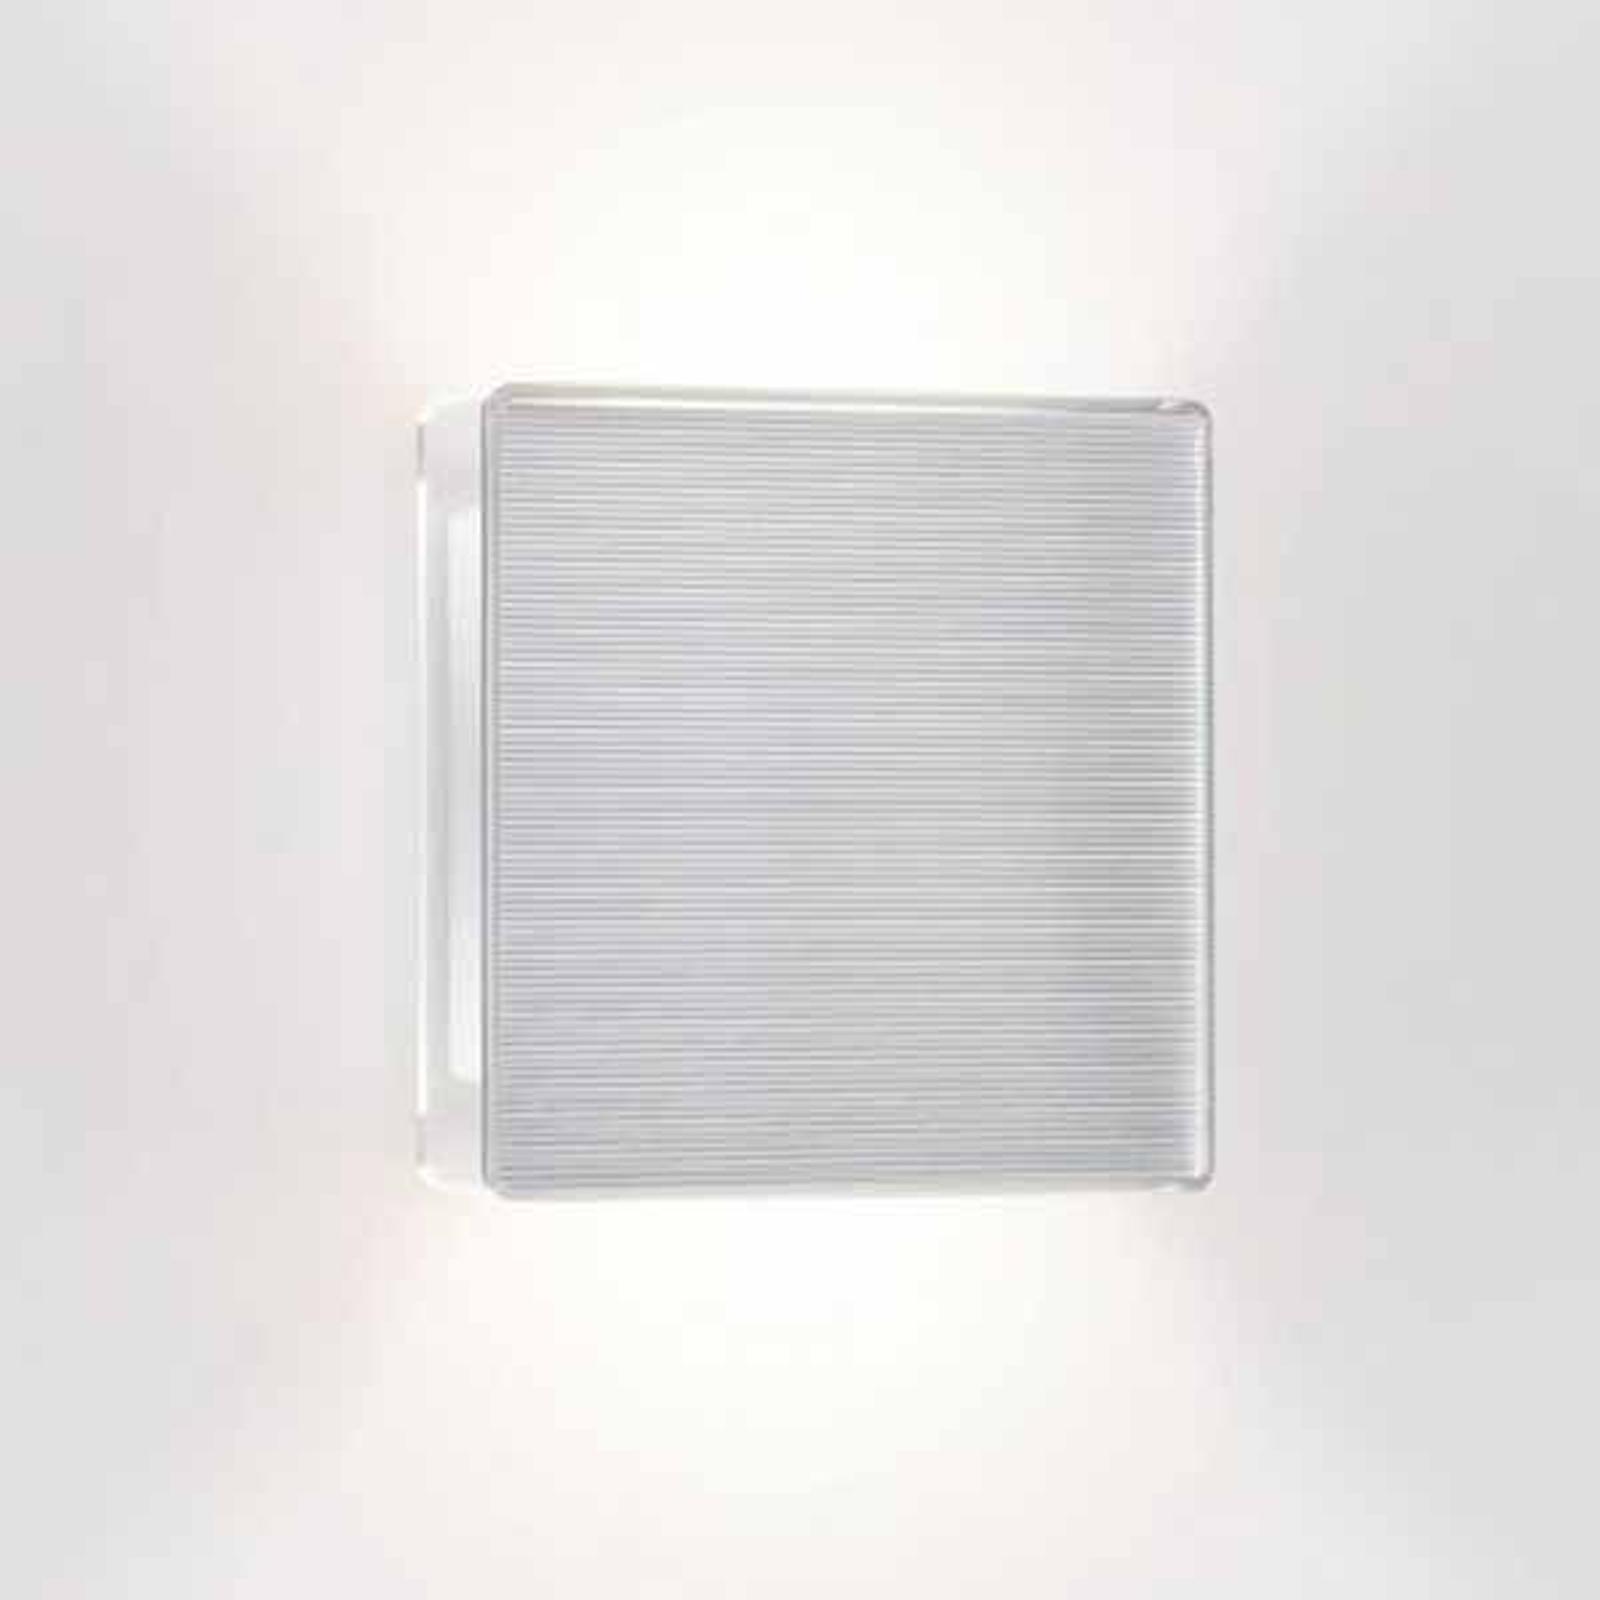 LED wandlamp App met geribbelde voorkant